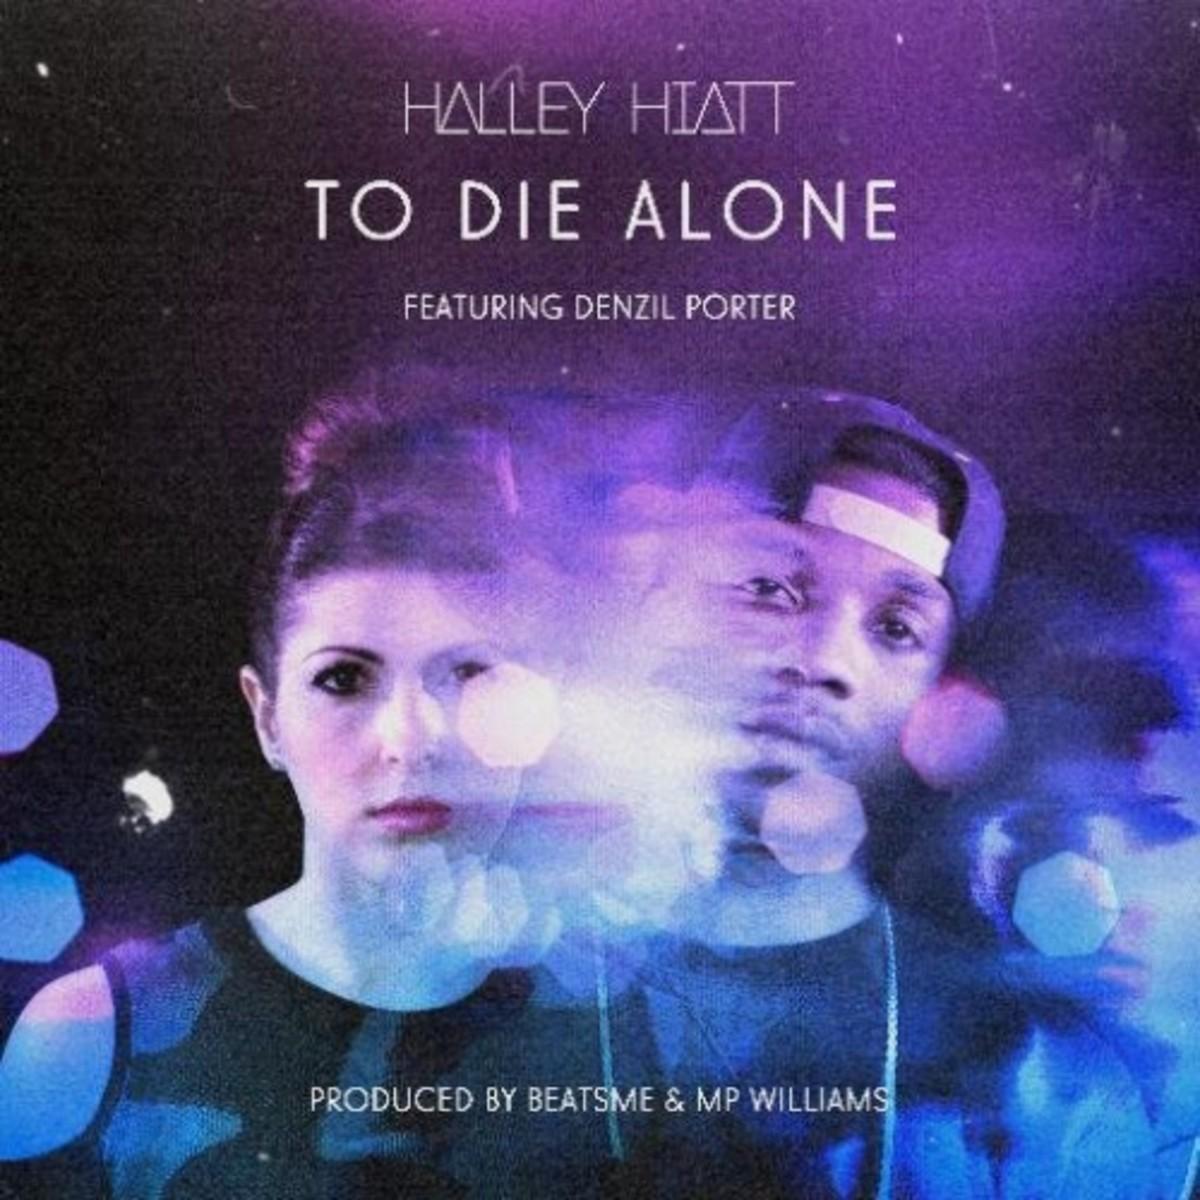 halley-hiatt-to-die-alone.jpg